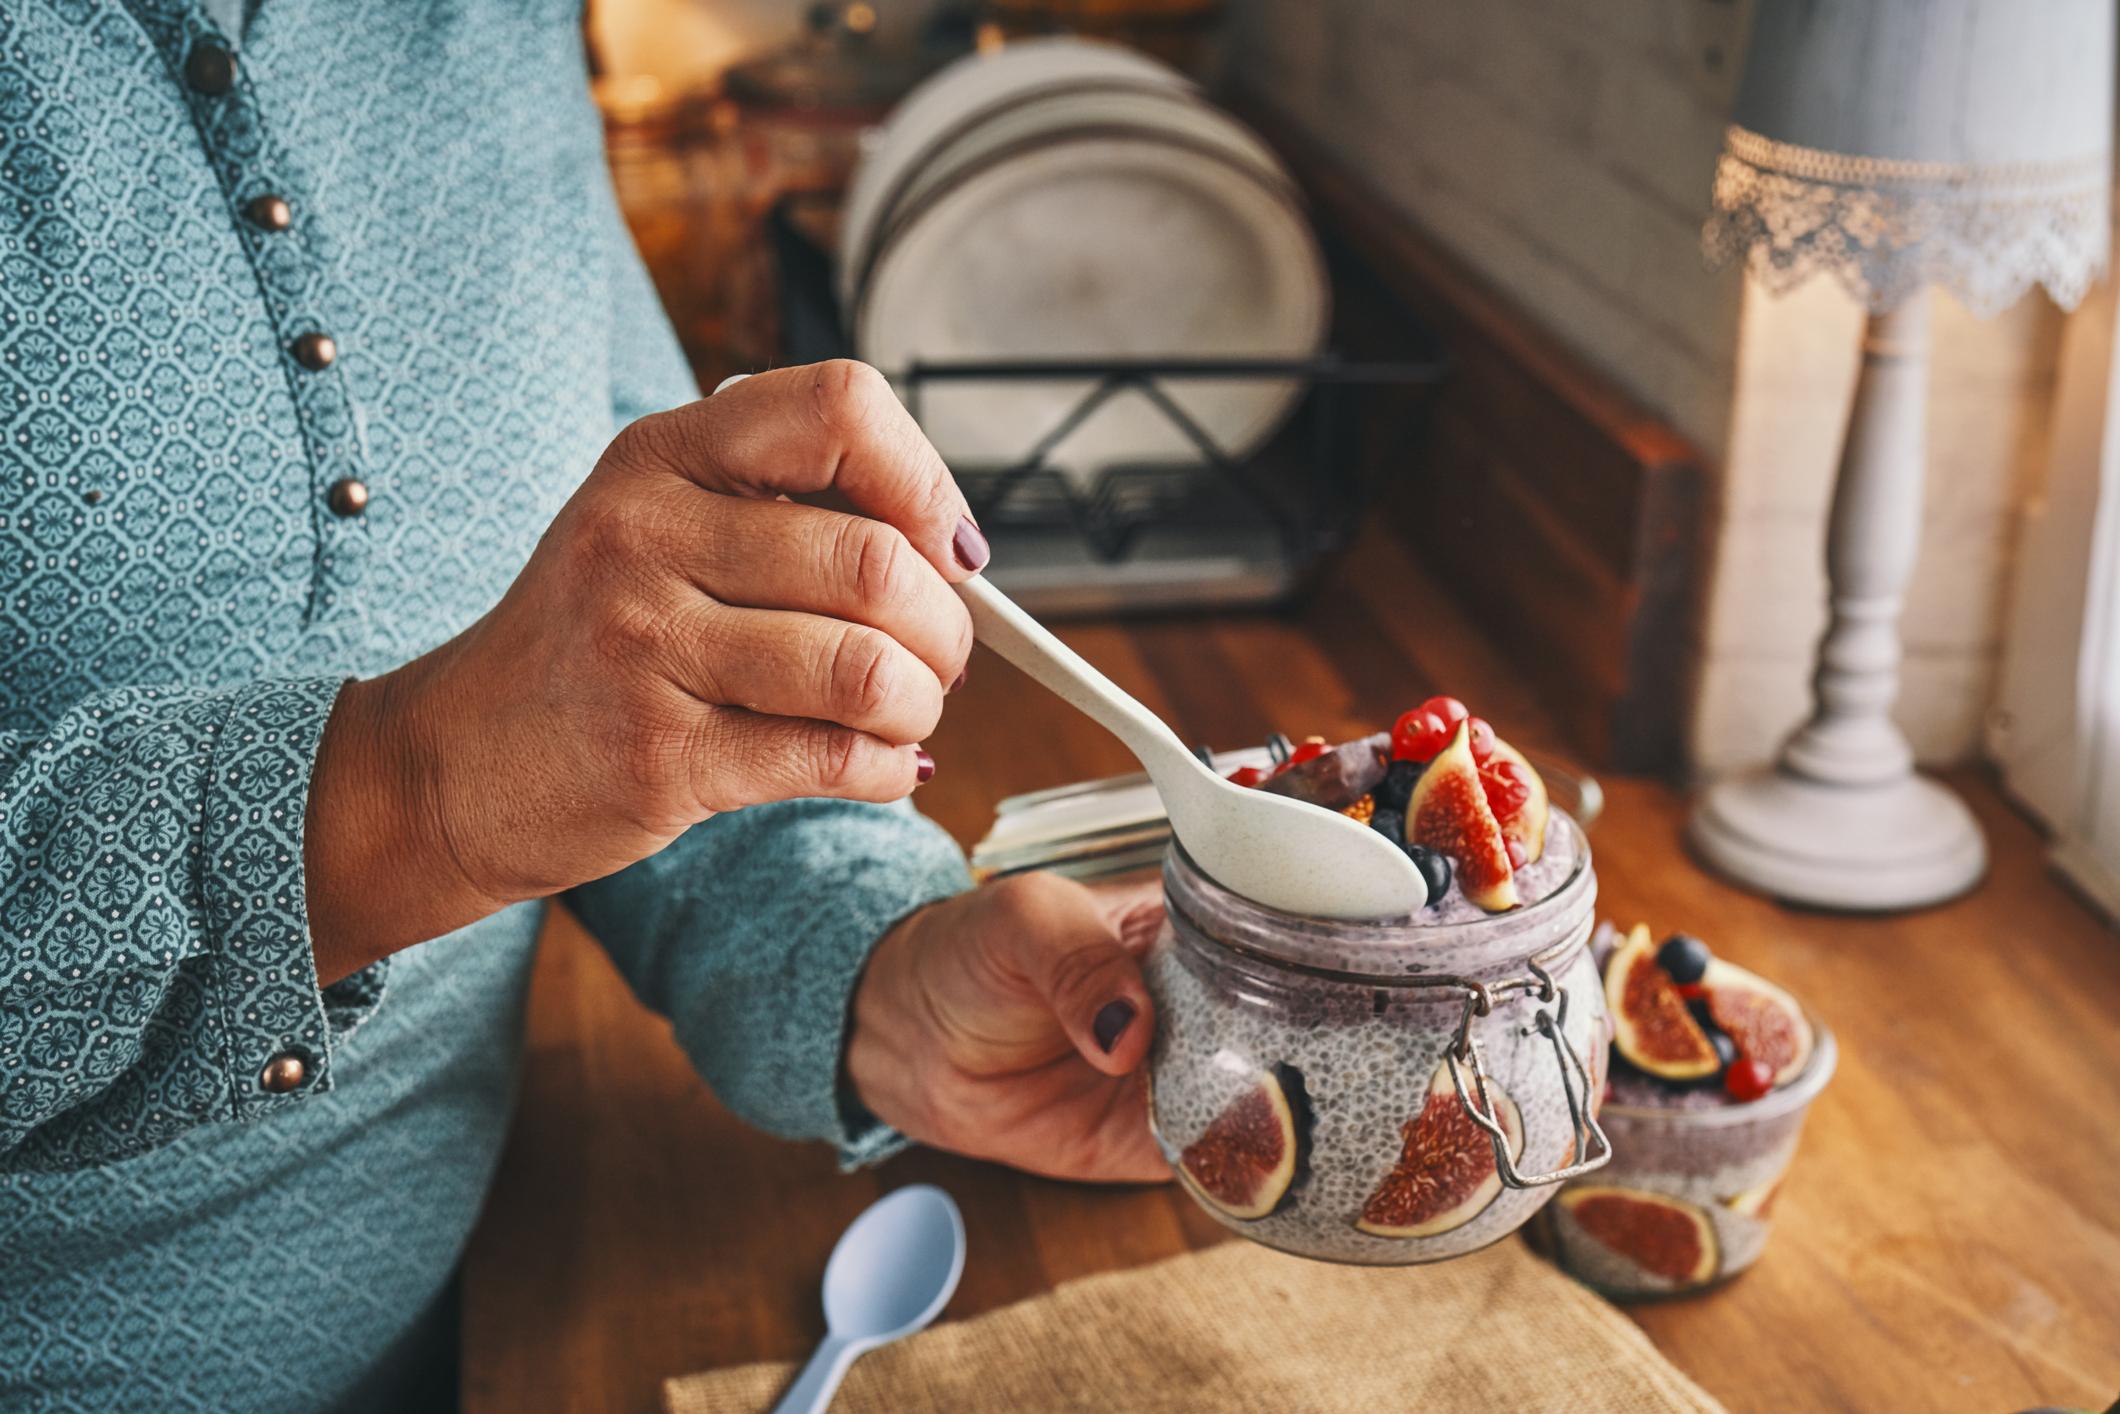 Ako ne znate što biste s njima, žličica chije u jogurt za doručak bit će dovoljno dobra ideja.